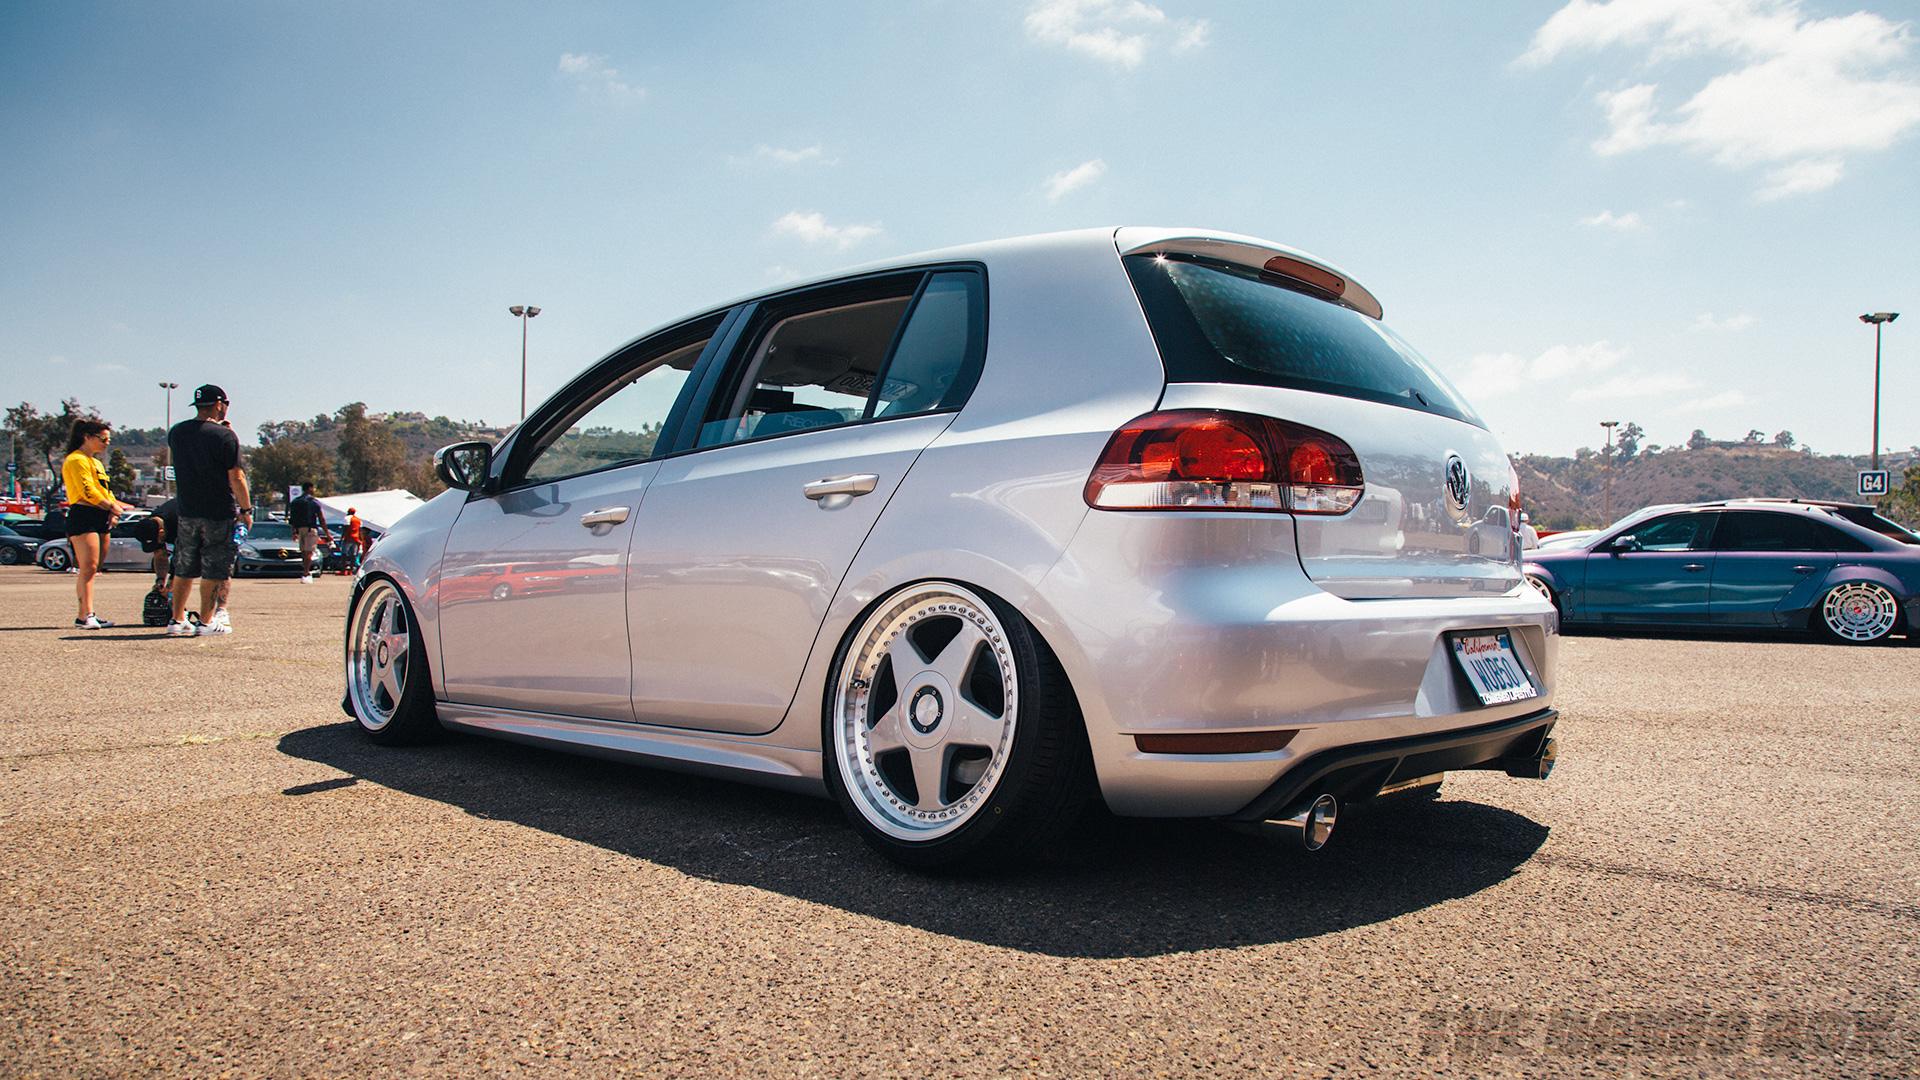 Silver Volkswagen Golf at Big Socal Euro